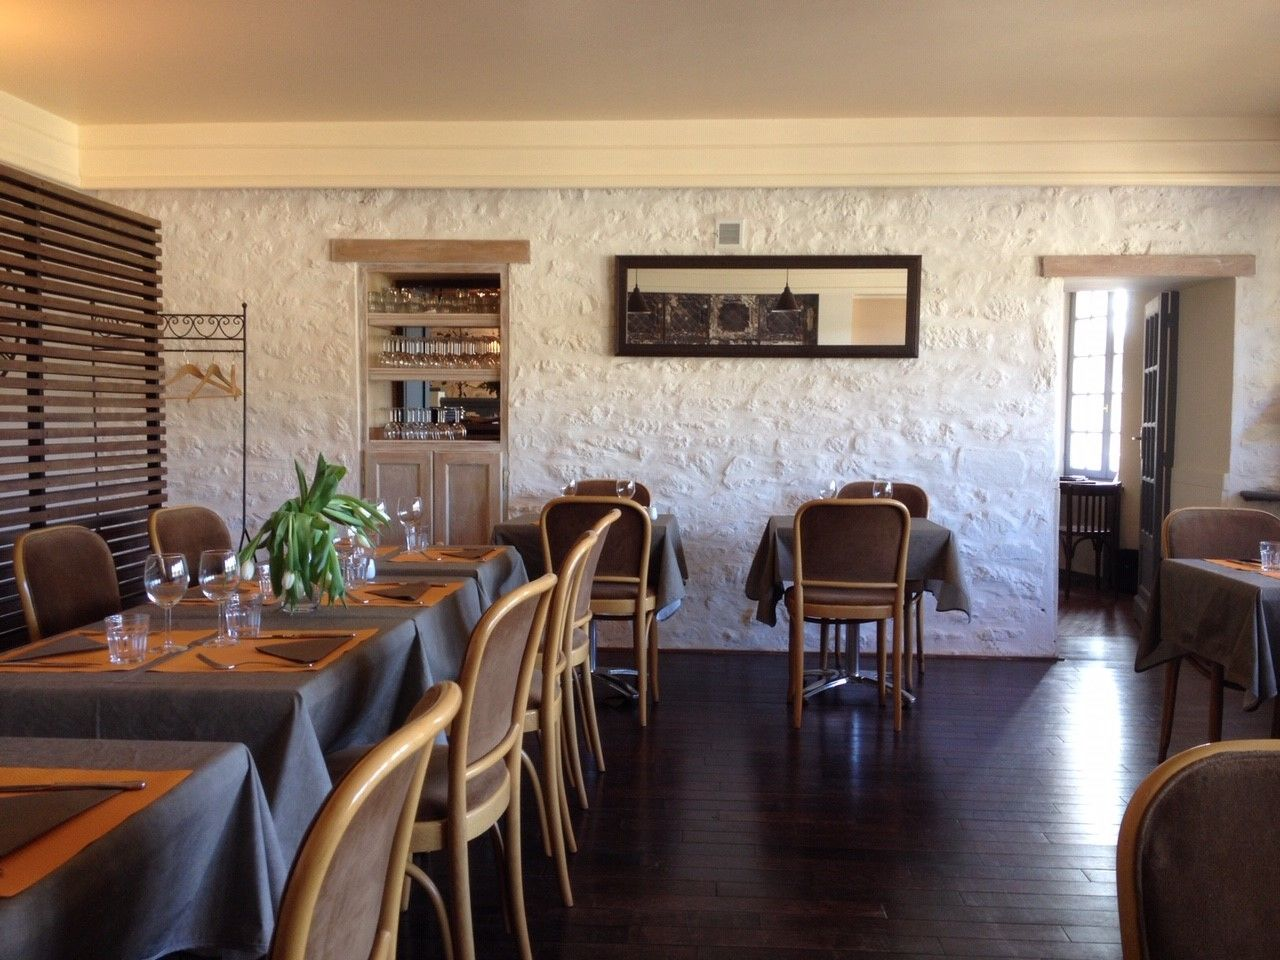 Restaurant-Lyvet-LaVicomte-Rance5